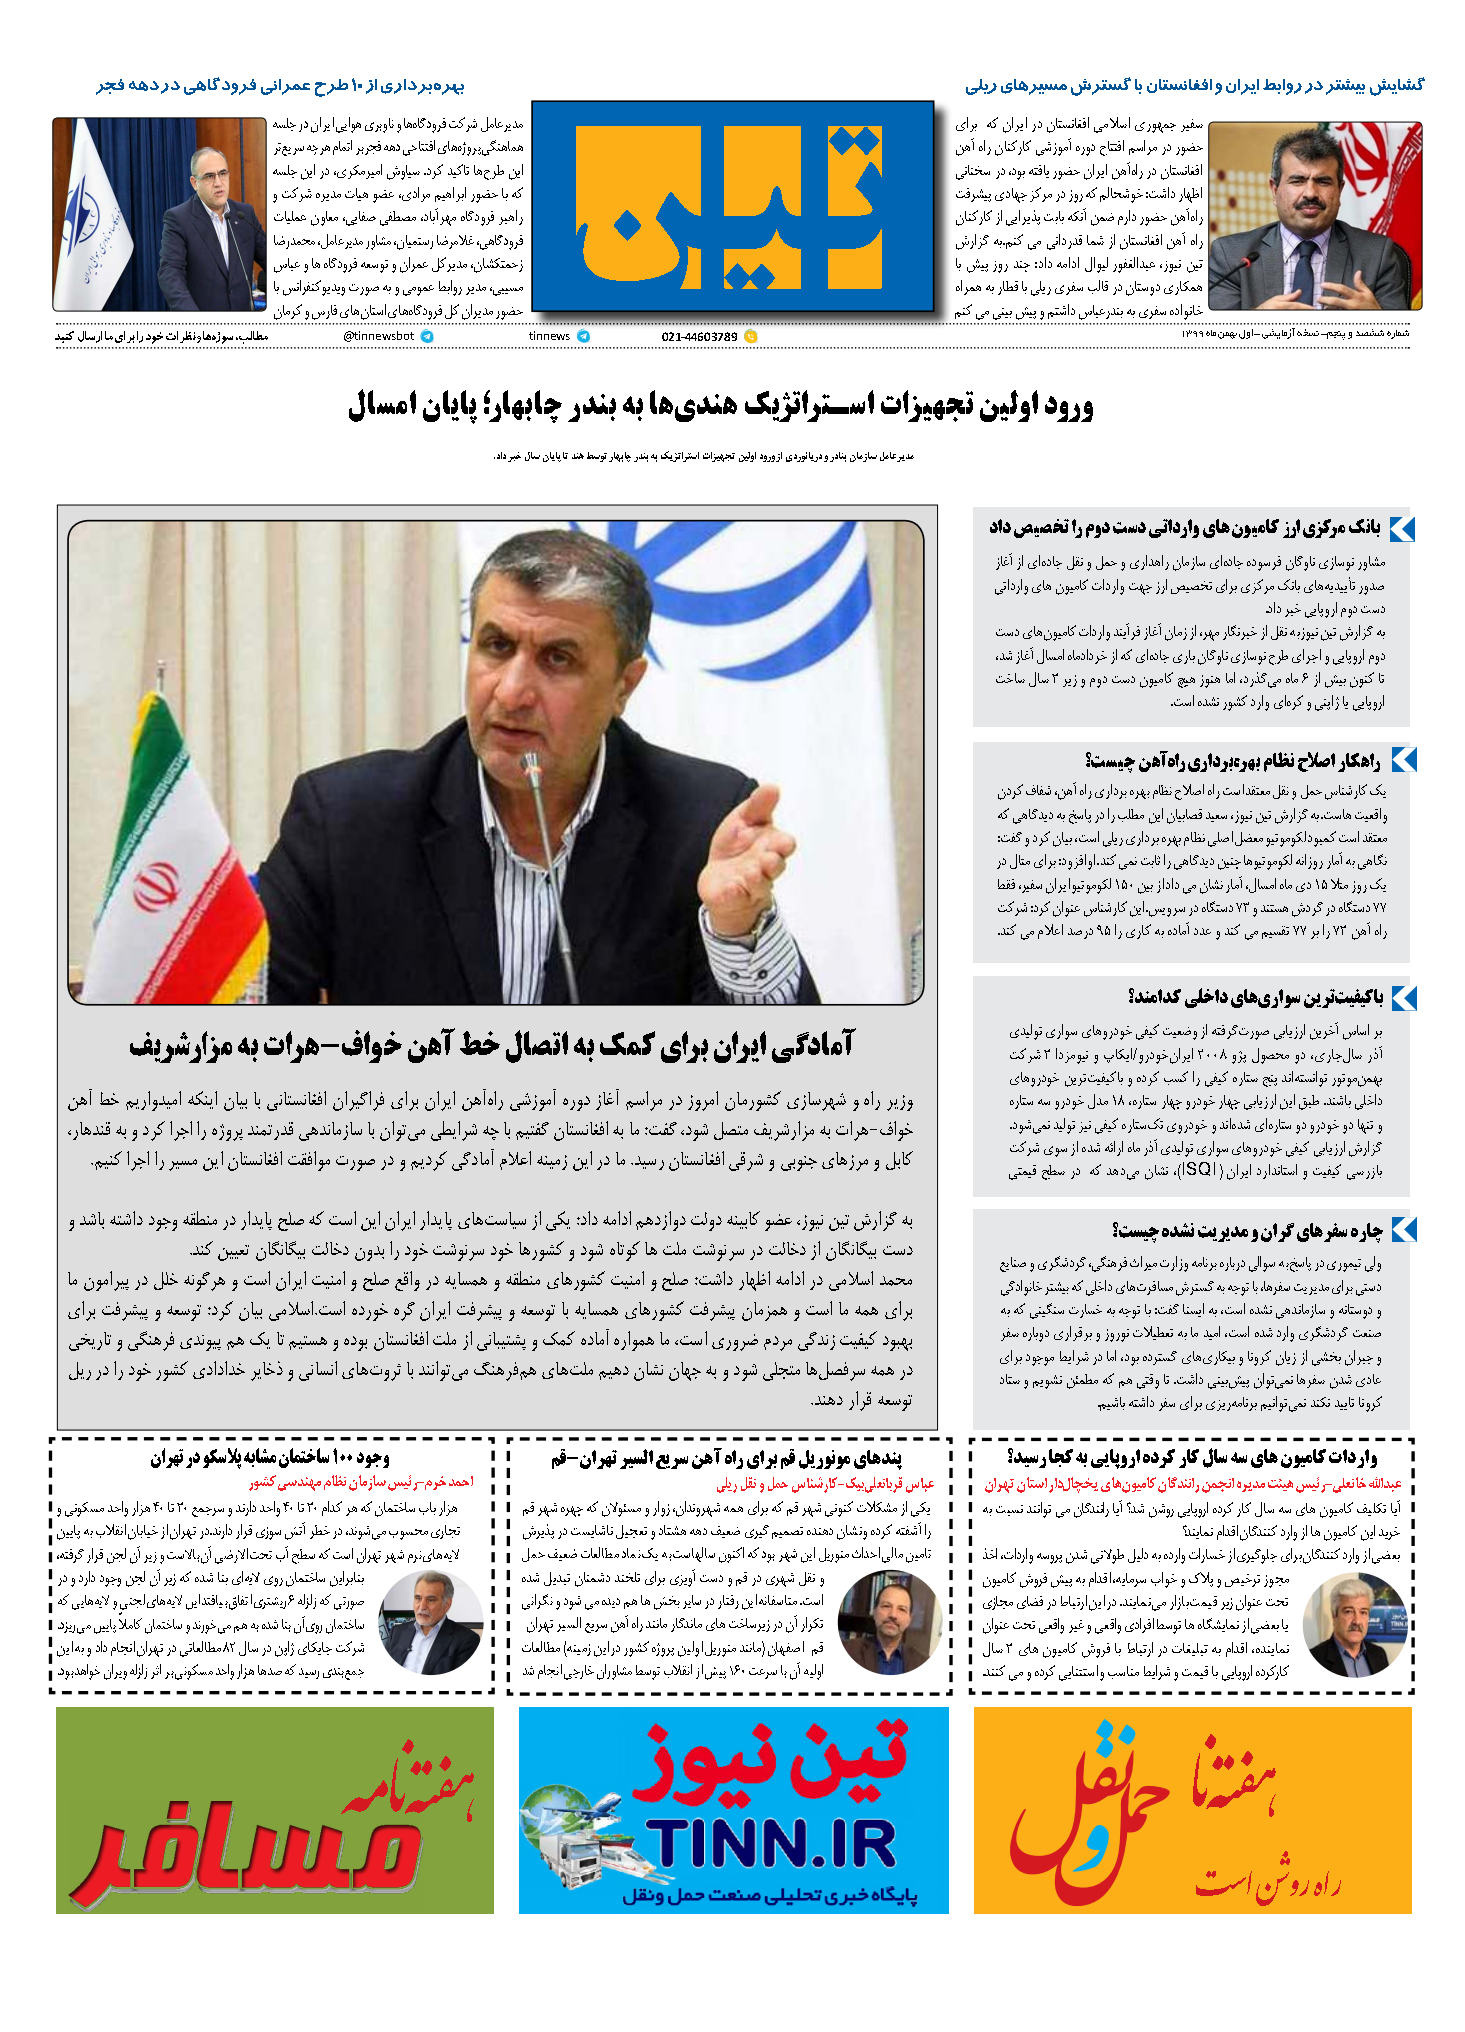 روزنامه الکترونیک 1 بهمن ماه 99